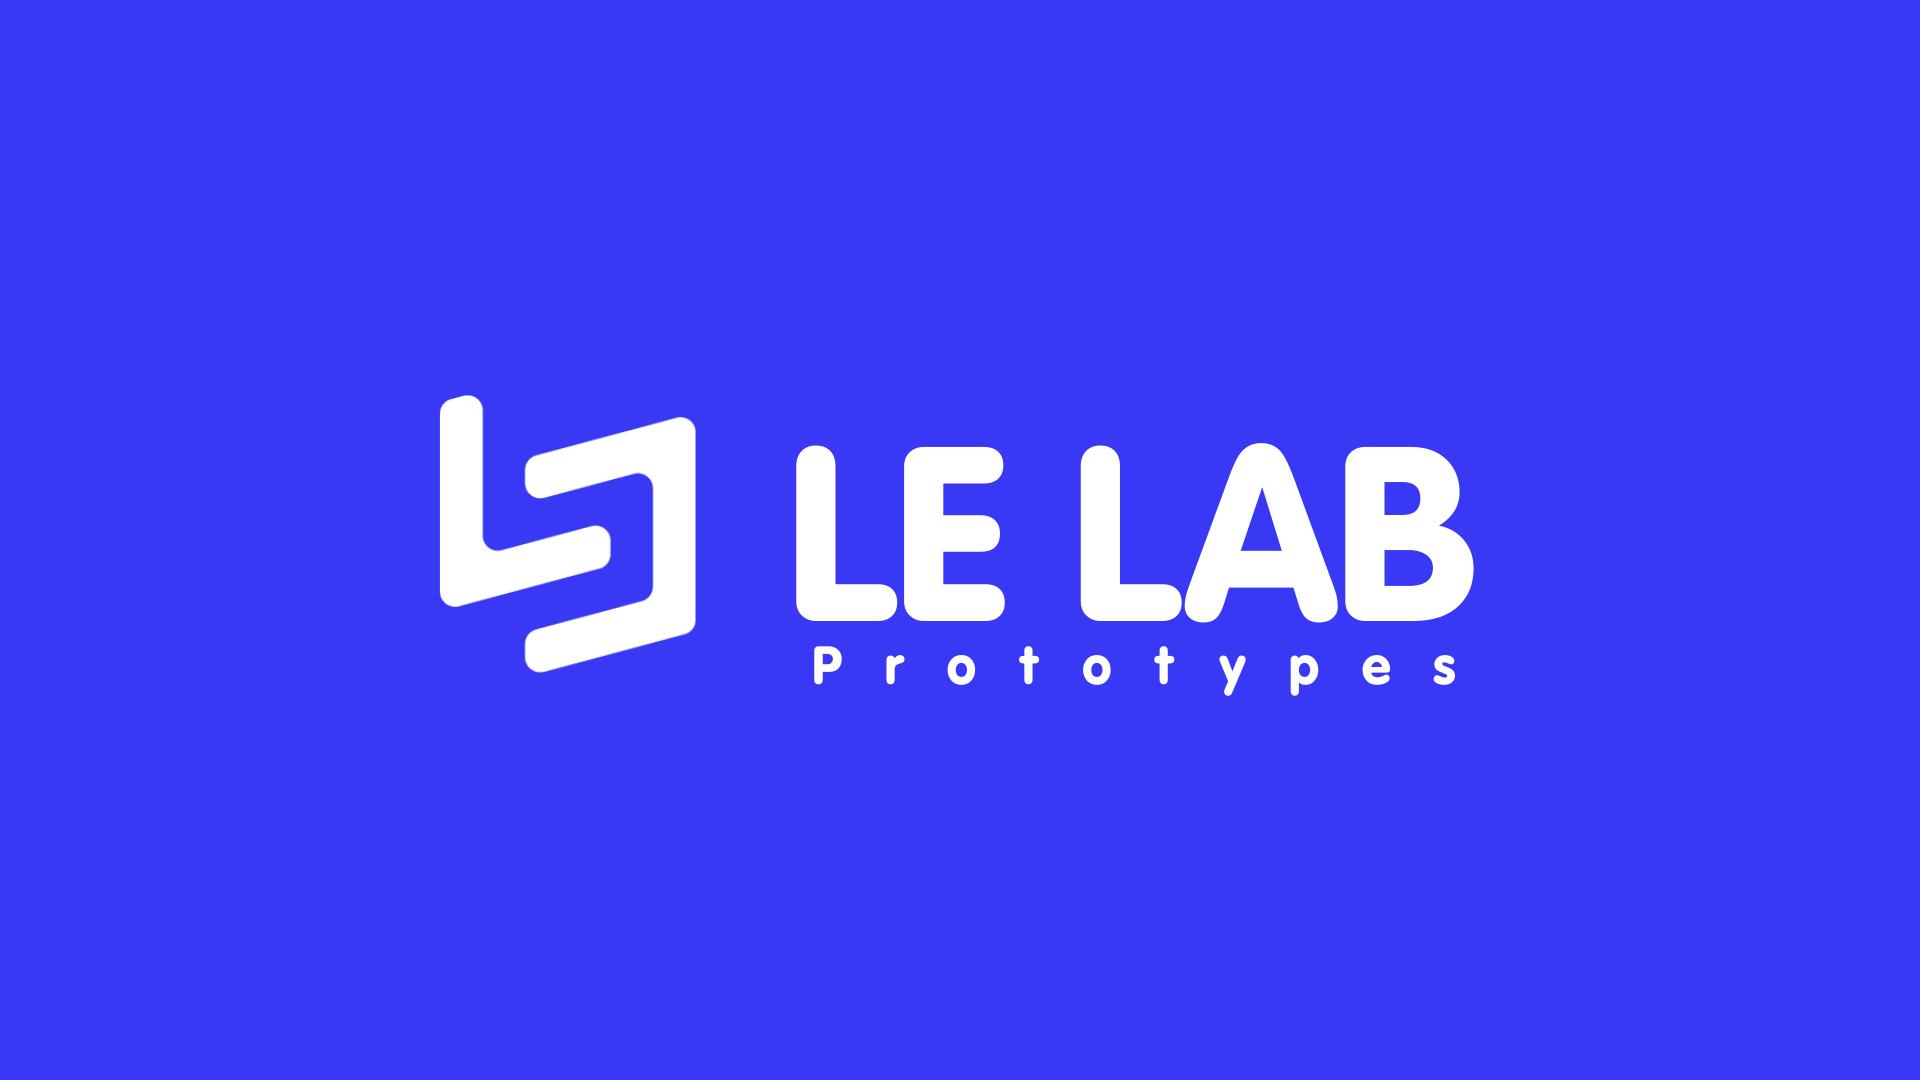 Prototype lexical